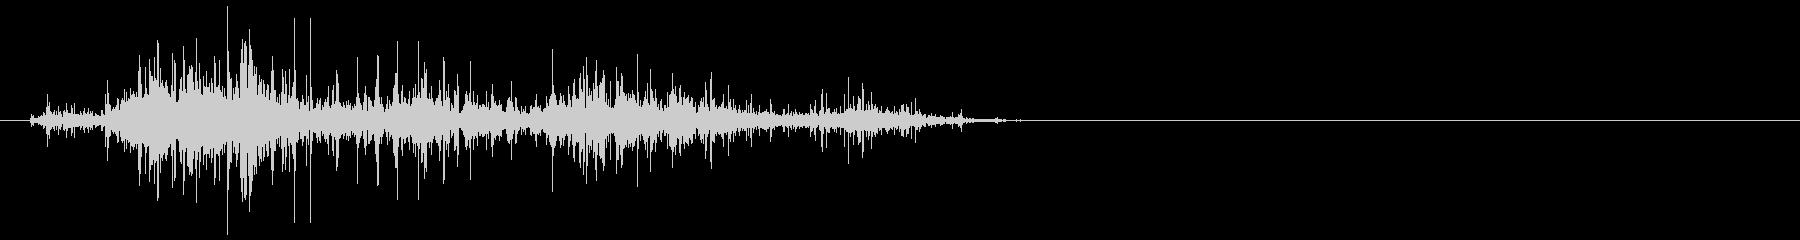 ガサガサと探す音_2の未再生の波形